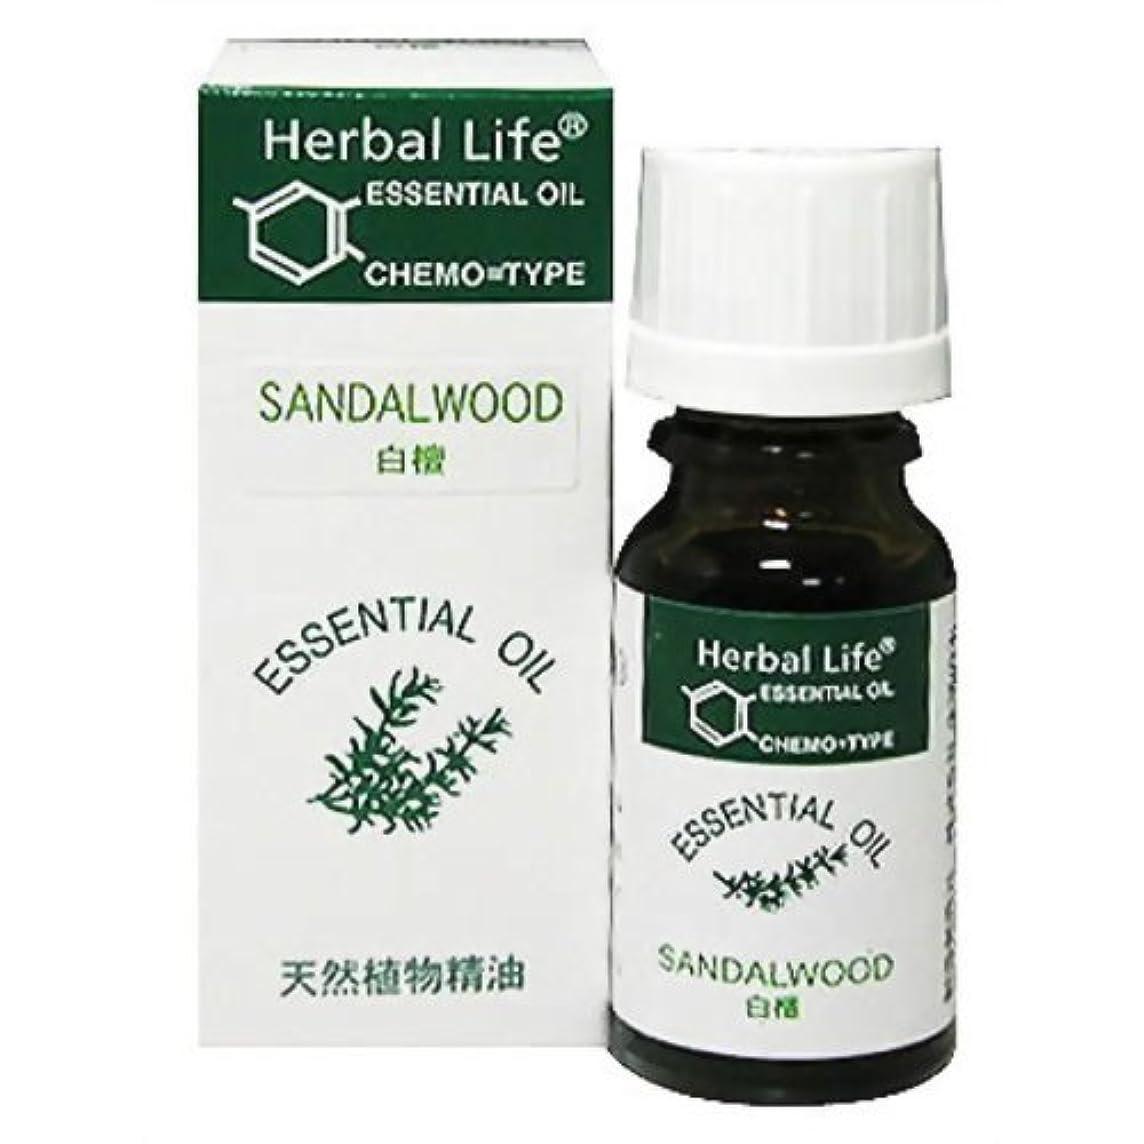 保険プラスチック最大限Herbal Life サンダルウッド 10ml